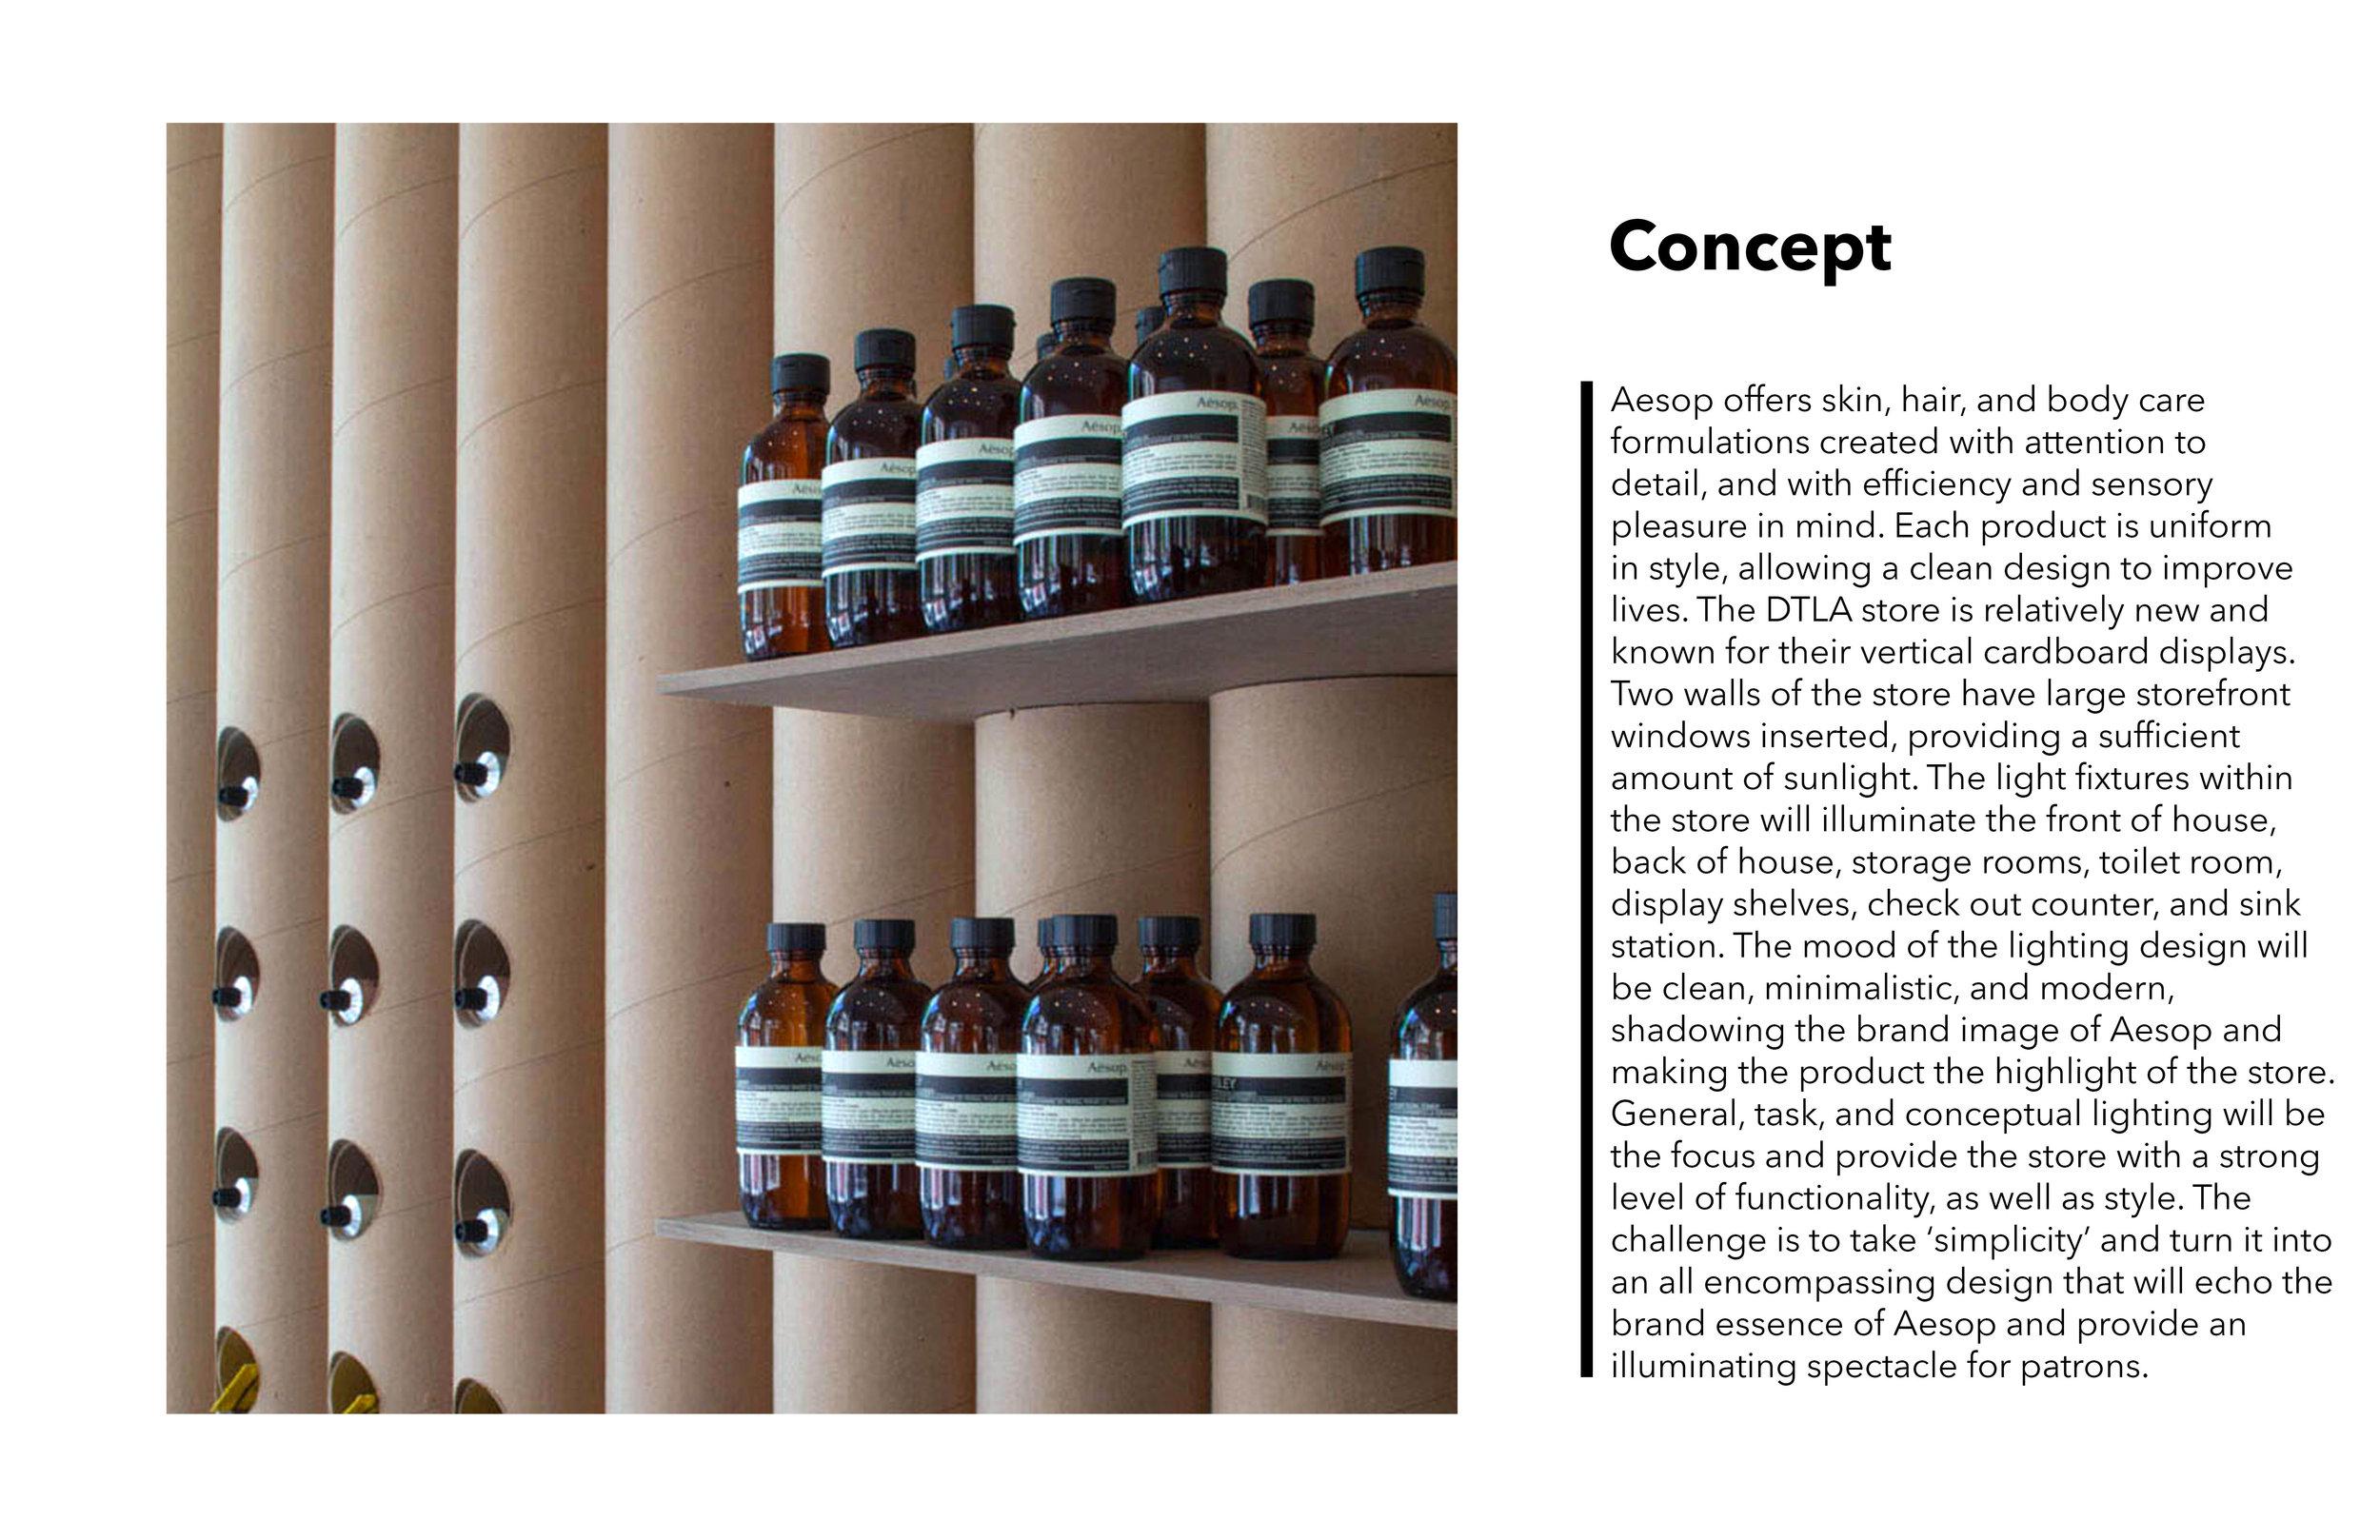 Aesop_Concept_Slide.jpg